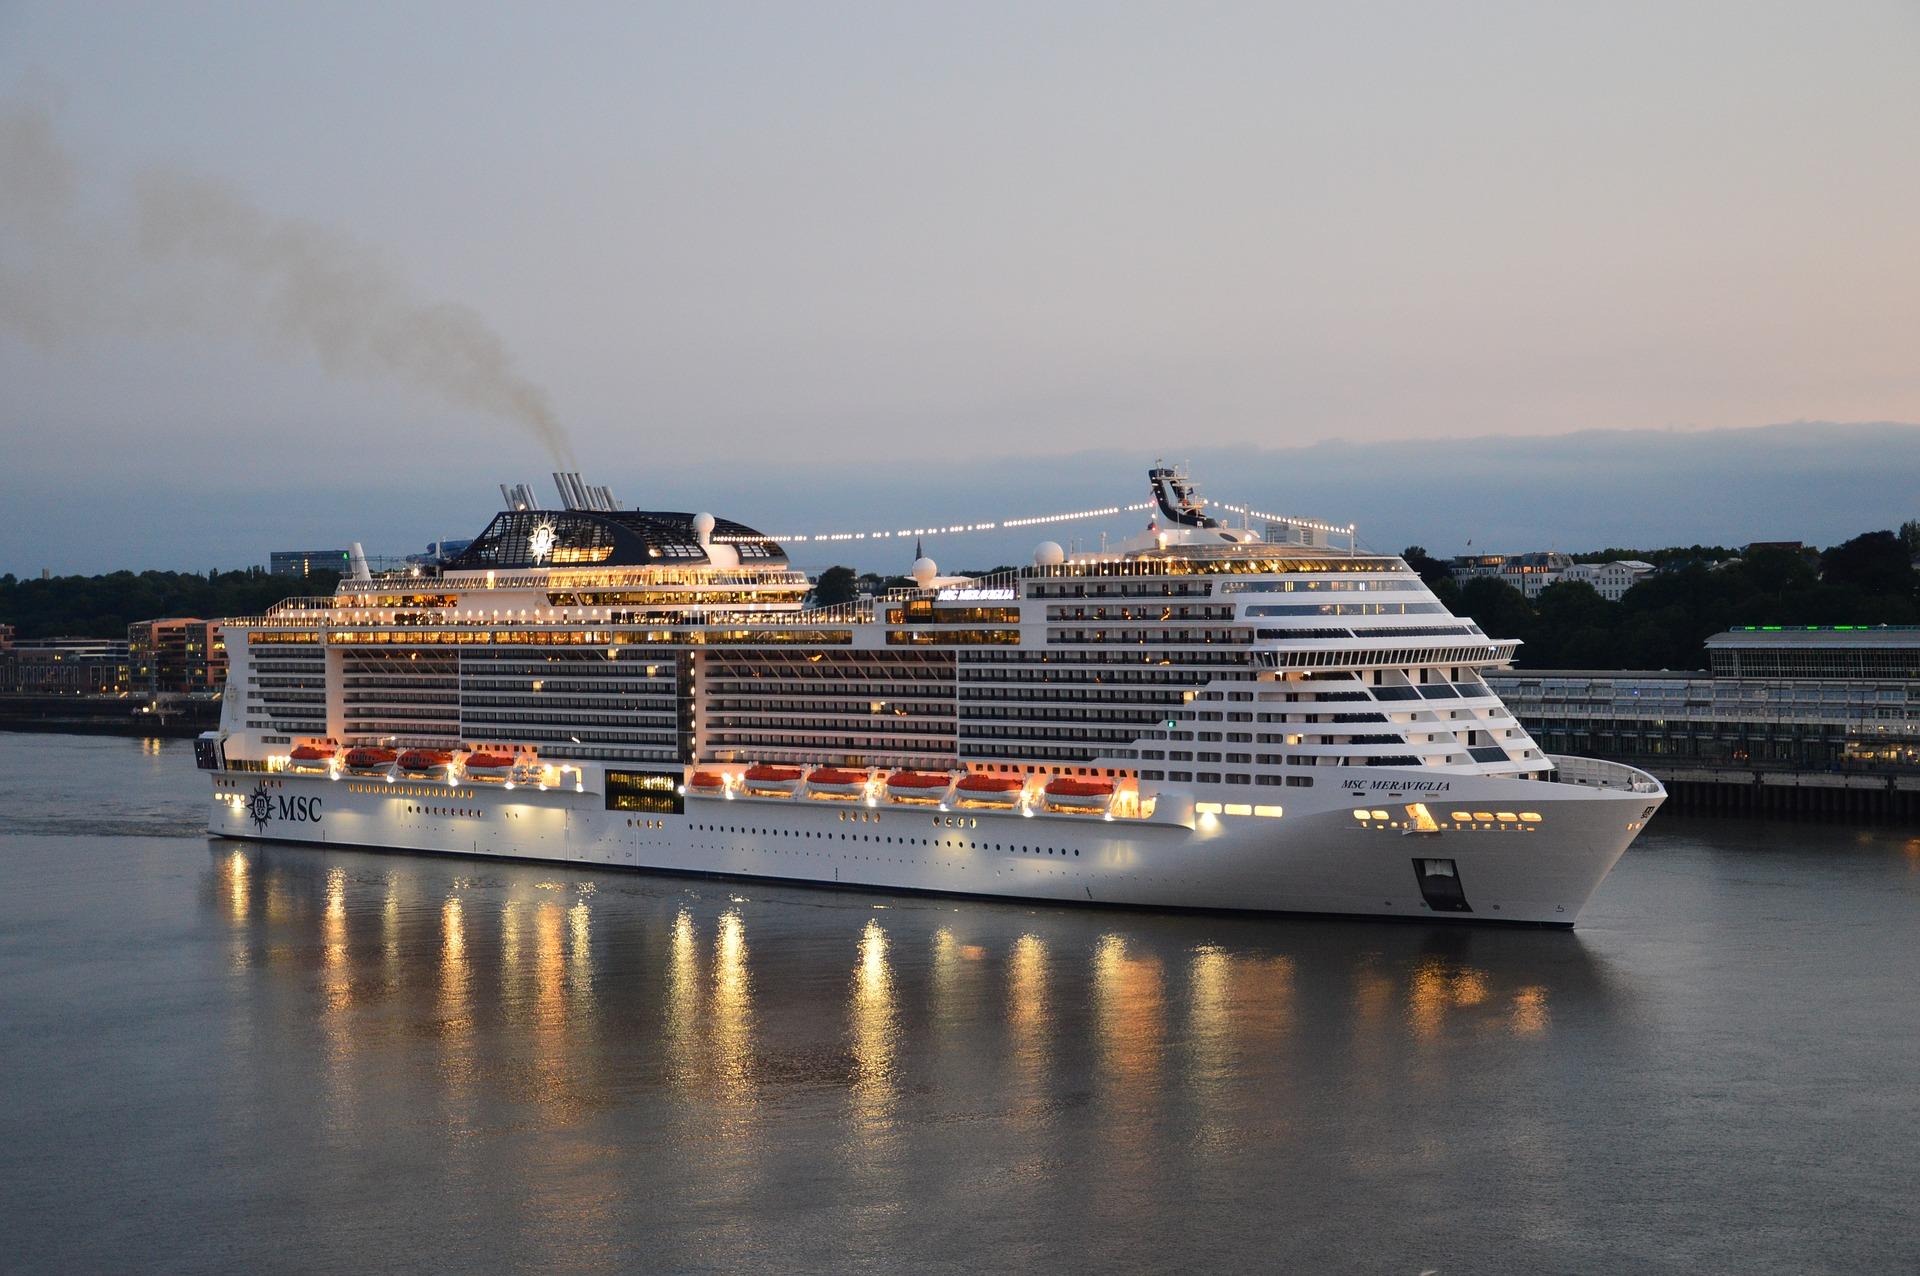 cruise-ship-3526709_1920 (1)